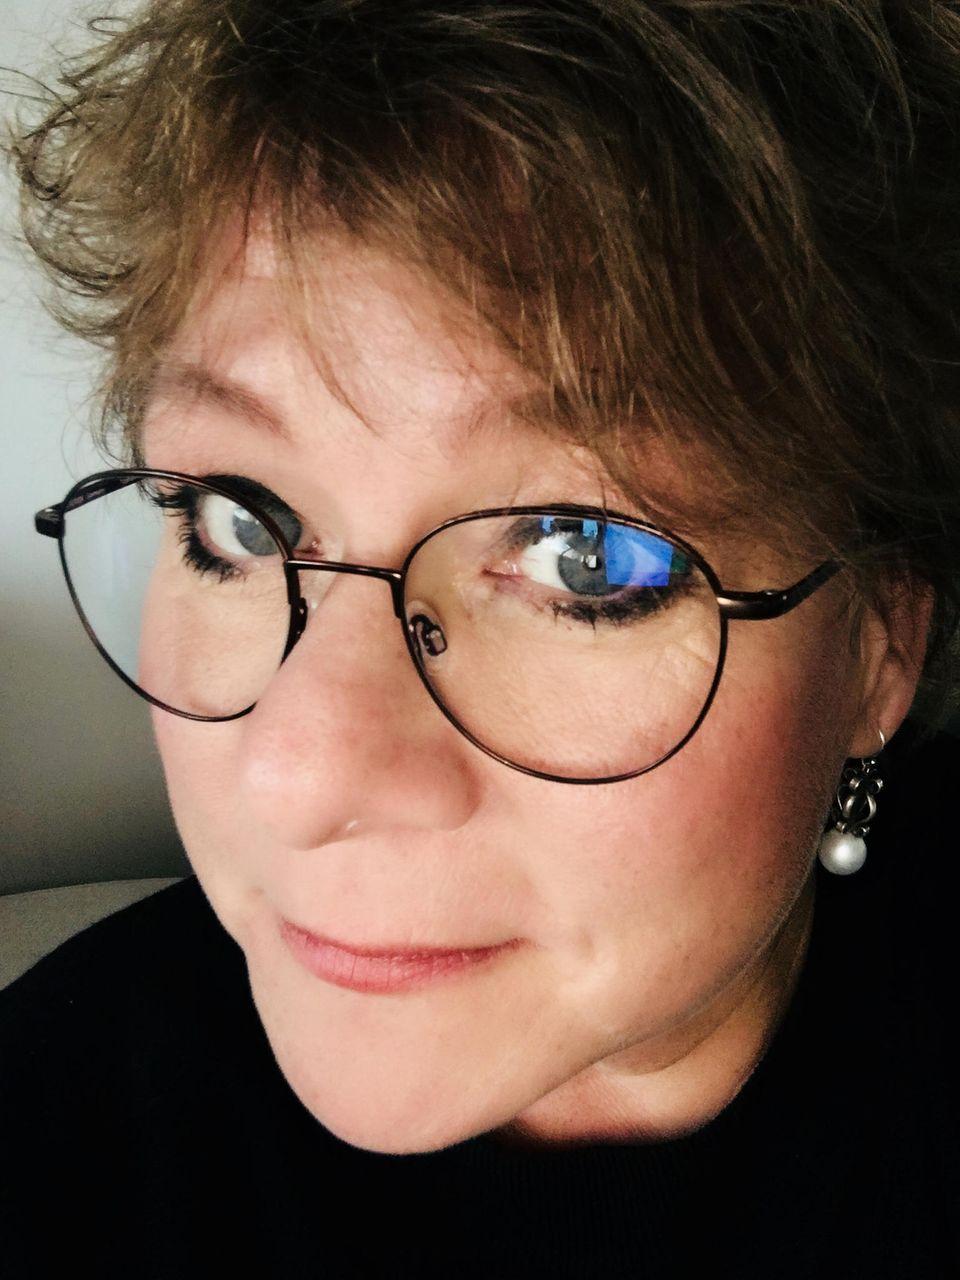 Unser Blog-Liebling: Haben wir ein Glück, dass es Muttiglück gibt! So heißt das Blog von Anke, 46, aus München und wir lieben einfach alles daran. Ihren Humor, ihren ehrlichen Blick aufs Leben und ihre Hacks, die wirklich jedes Muttileben einfacher machen.